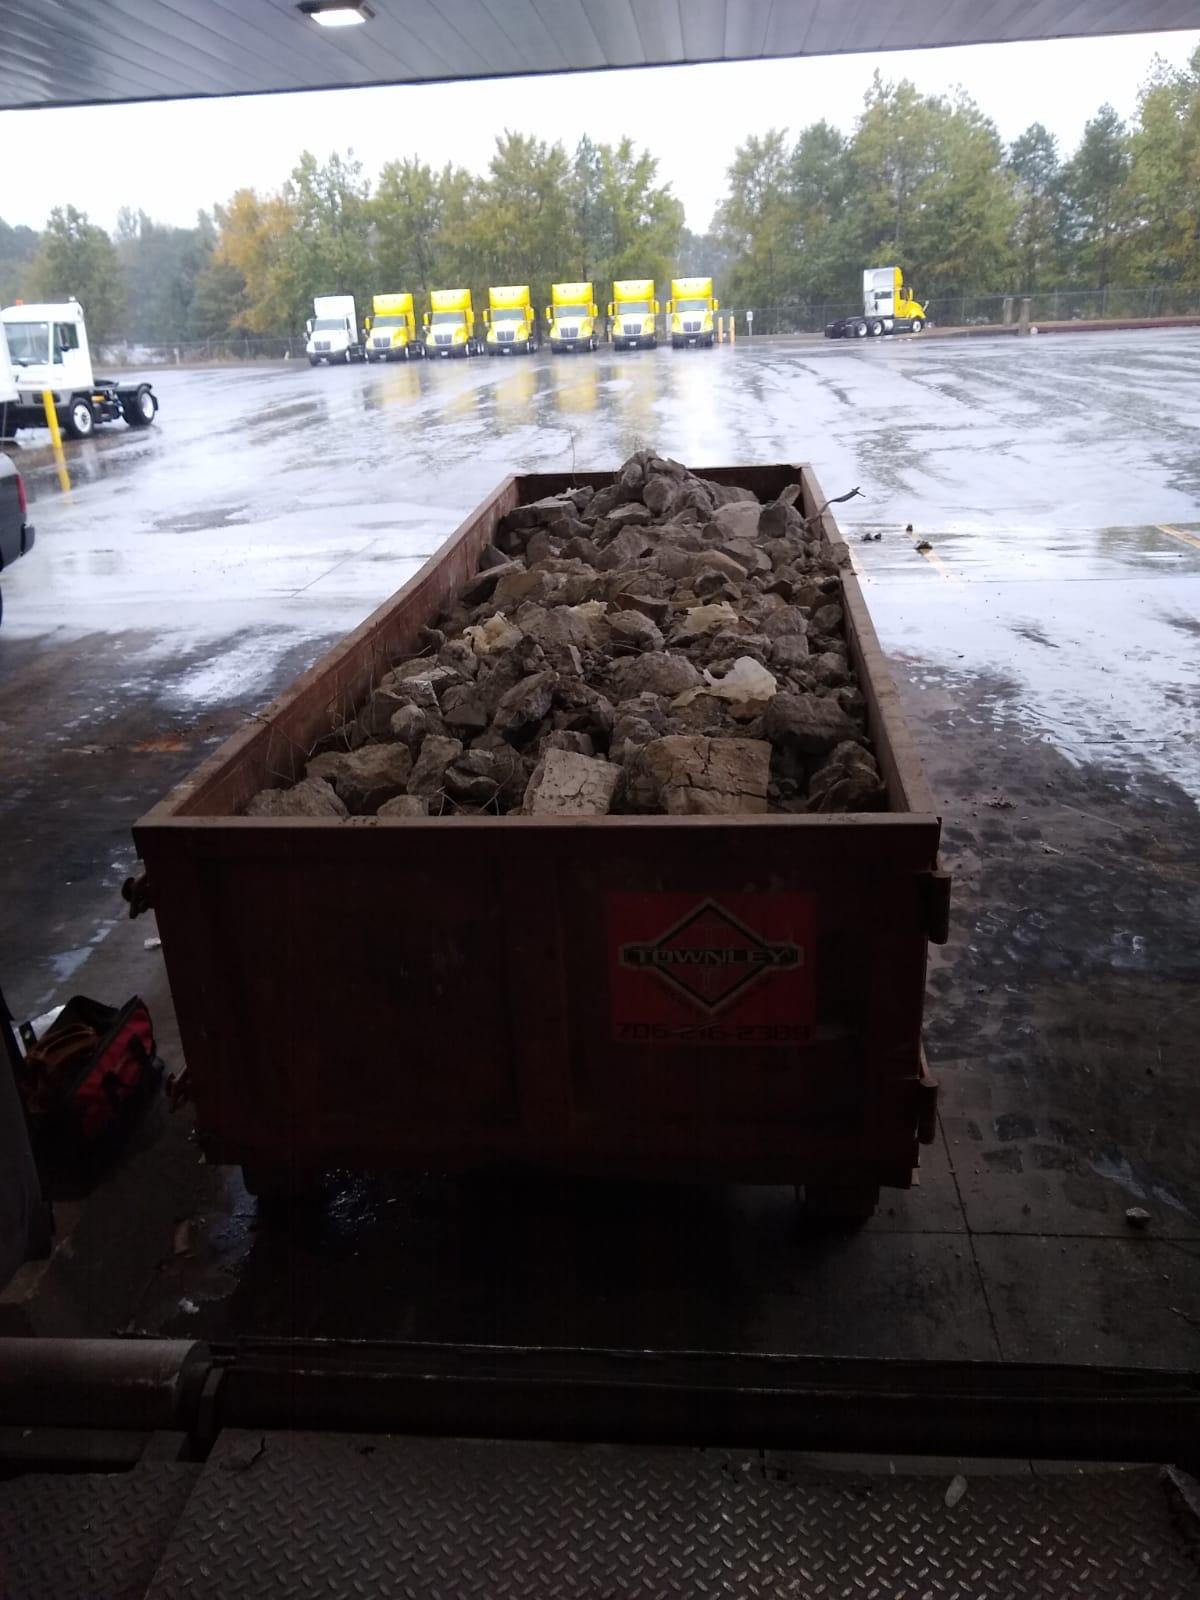 Disposal of debris